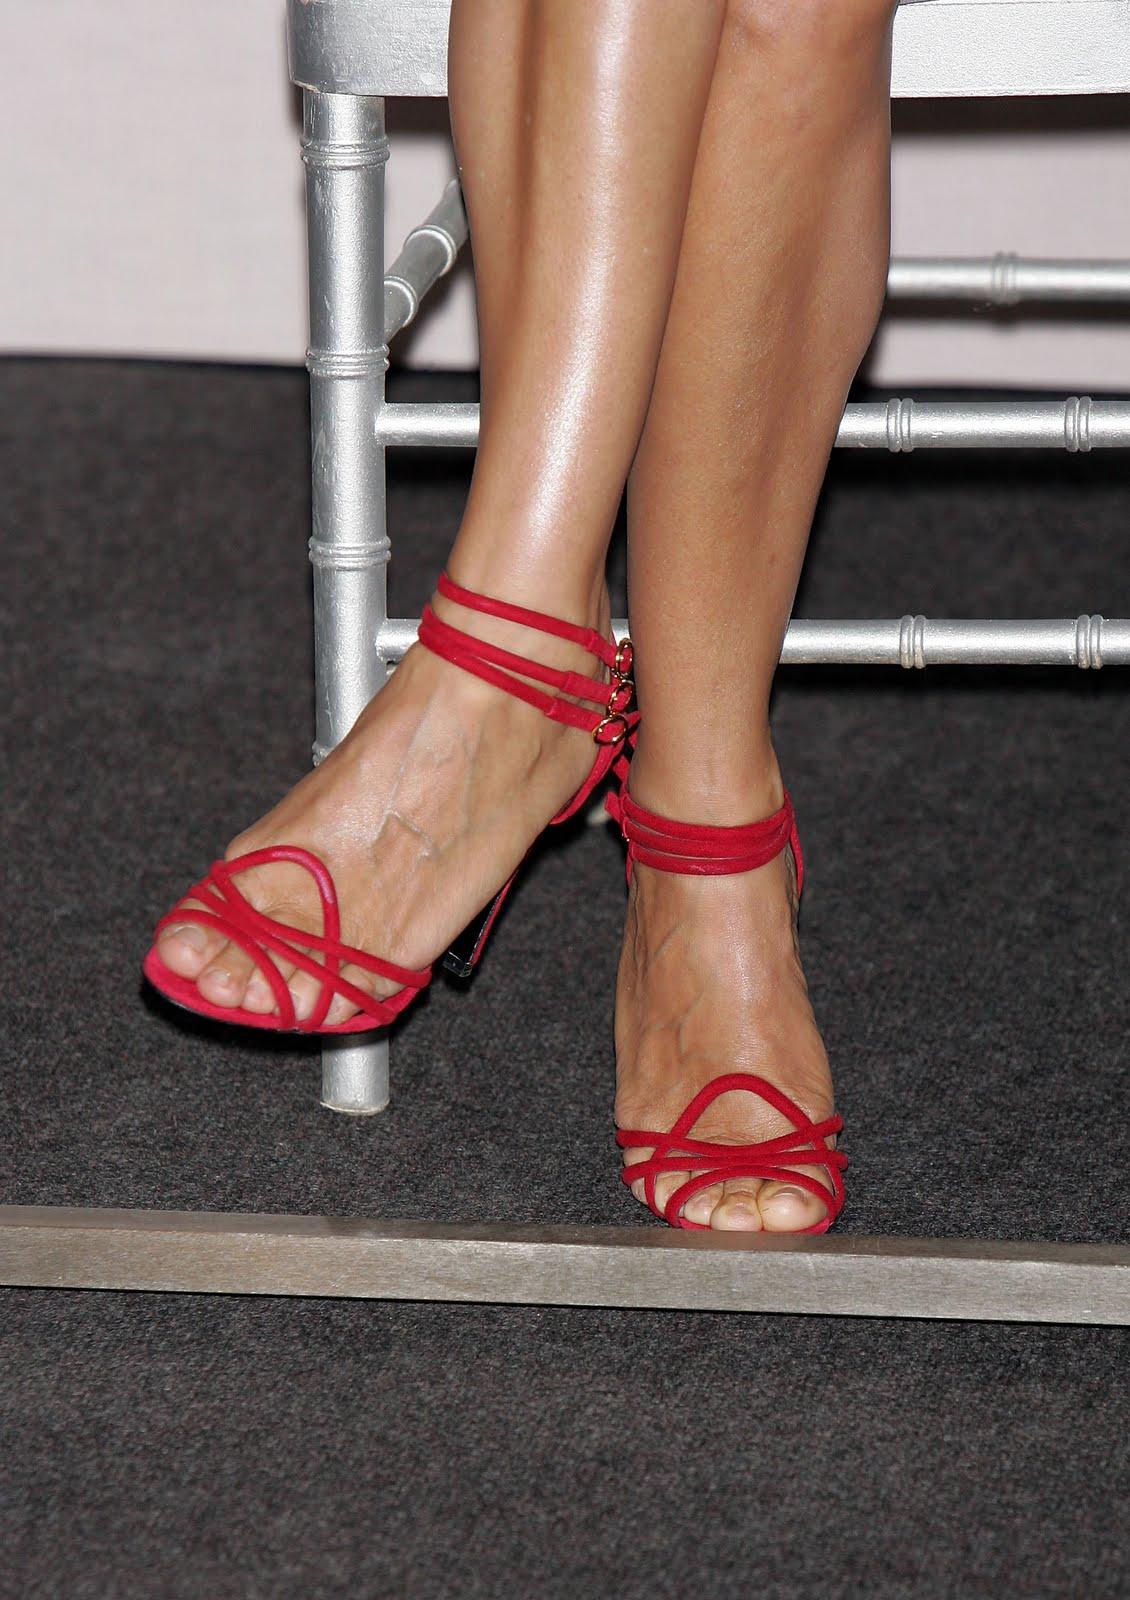 http://1.bp.blogspot.com/_bQ0SqifjNcg/TCWS2o7LRrI/AAAAAAAAWzU/UqwBjt6CQjA/s1600/sarah-jessica-parker-feet.jpg